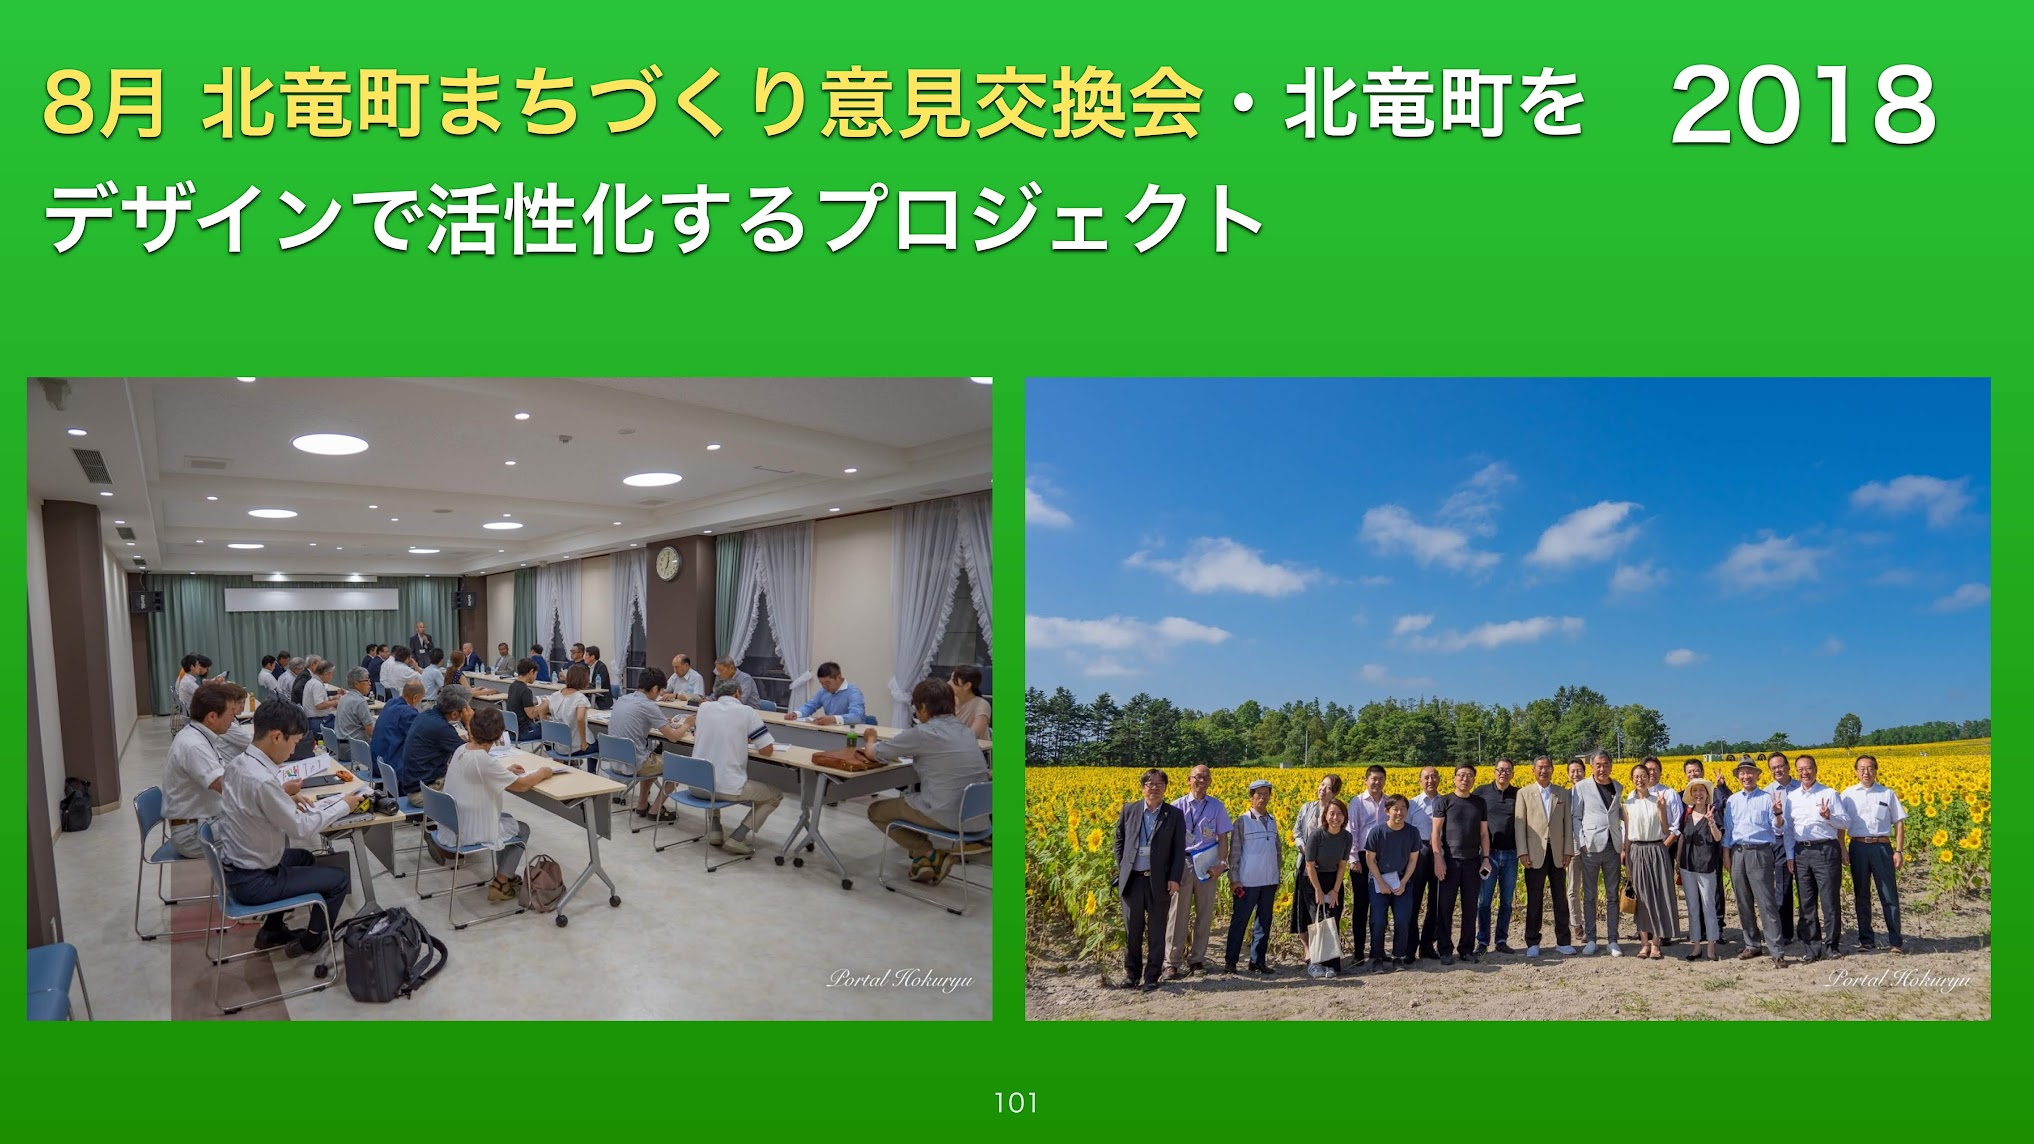 8月:北竜町まちづくり意見交換会・北竜町をデザインで活性化するプロジェクト